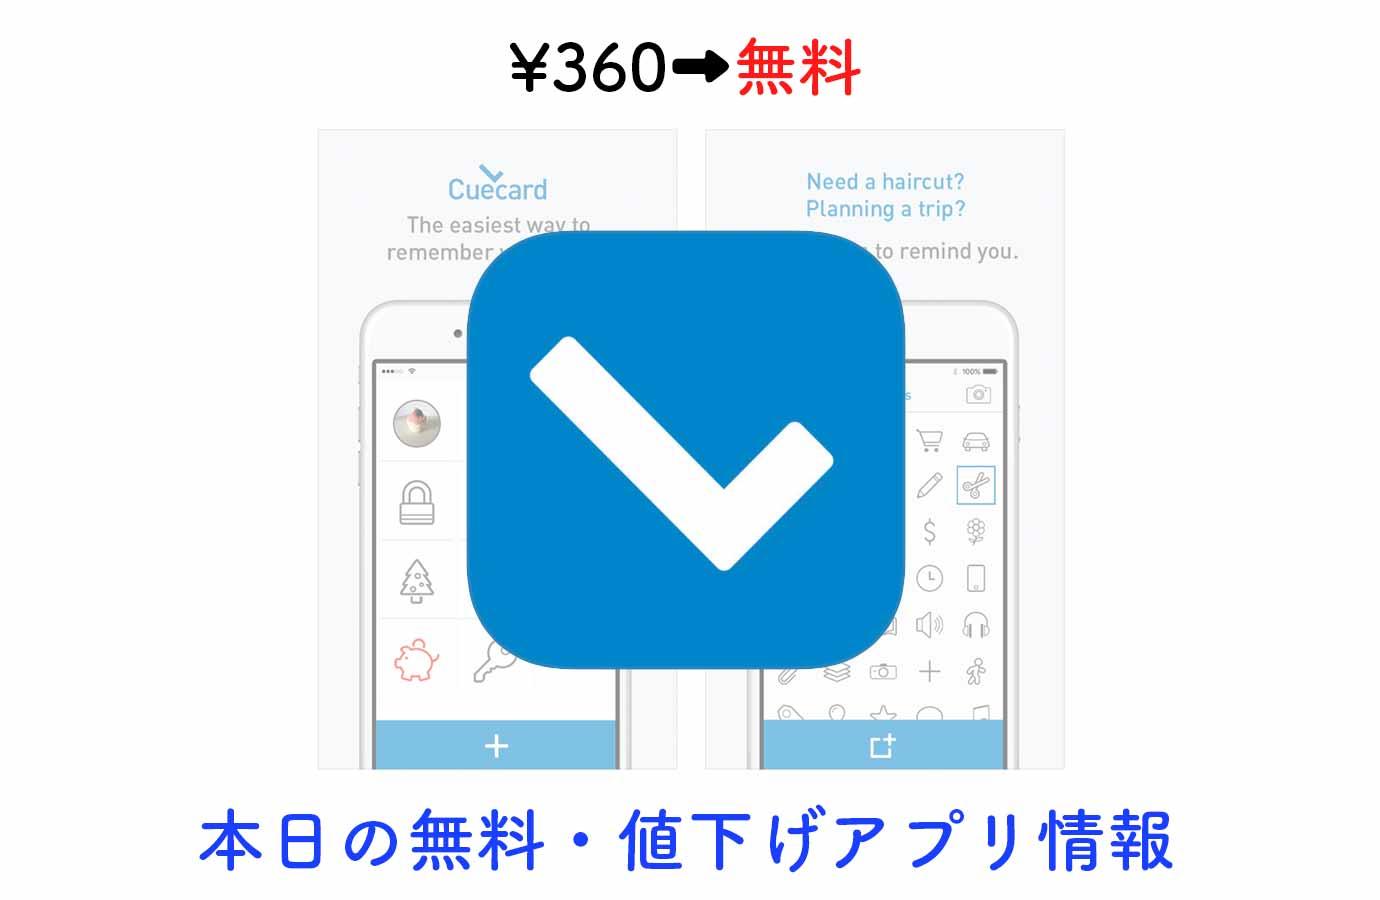 ¥360→無料、アイコンや写真で管理できるわかりやすいToDoアプリ「Cuecard」など【8/12】本日の無料・値下げアプリ情報